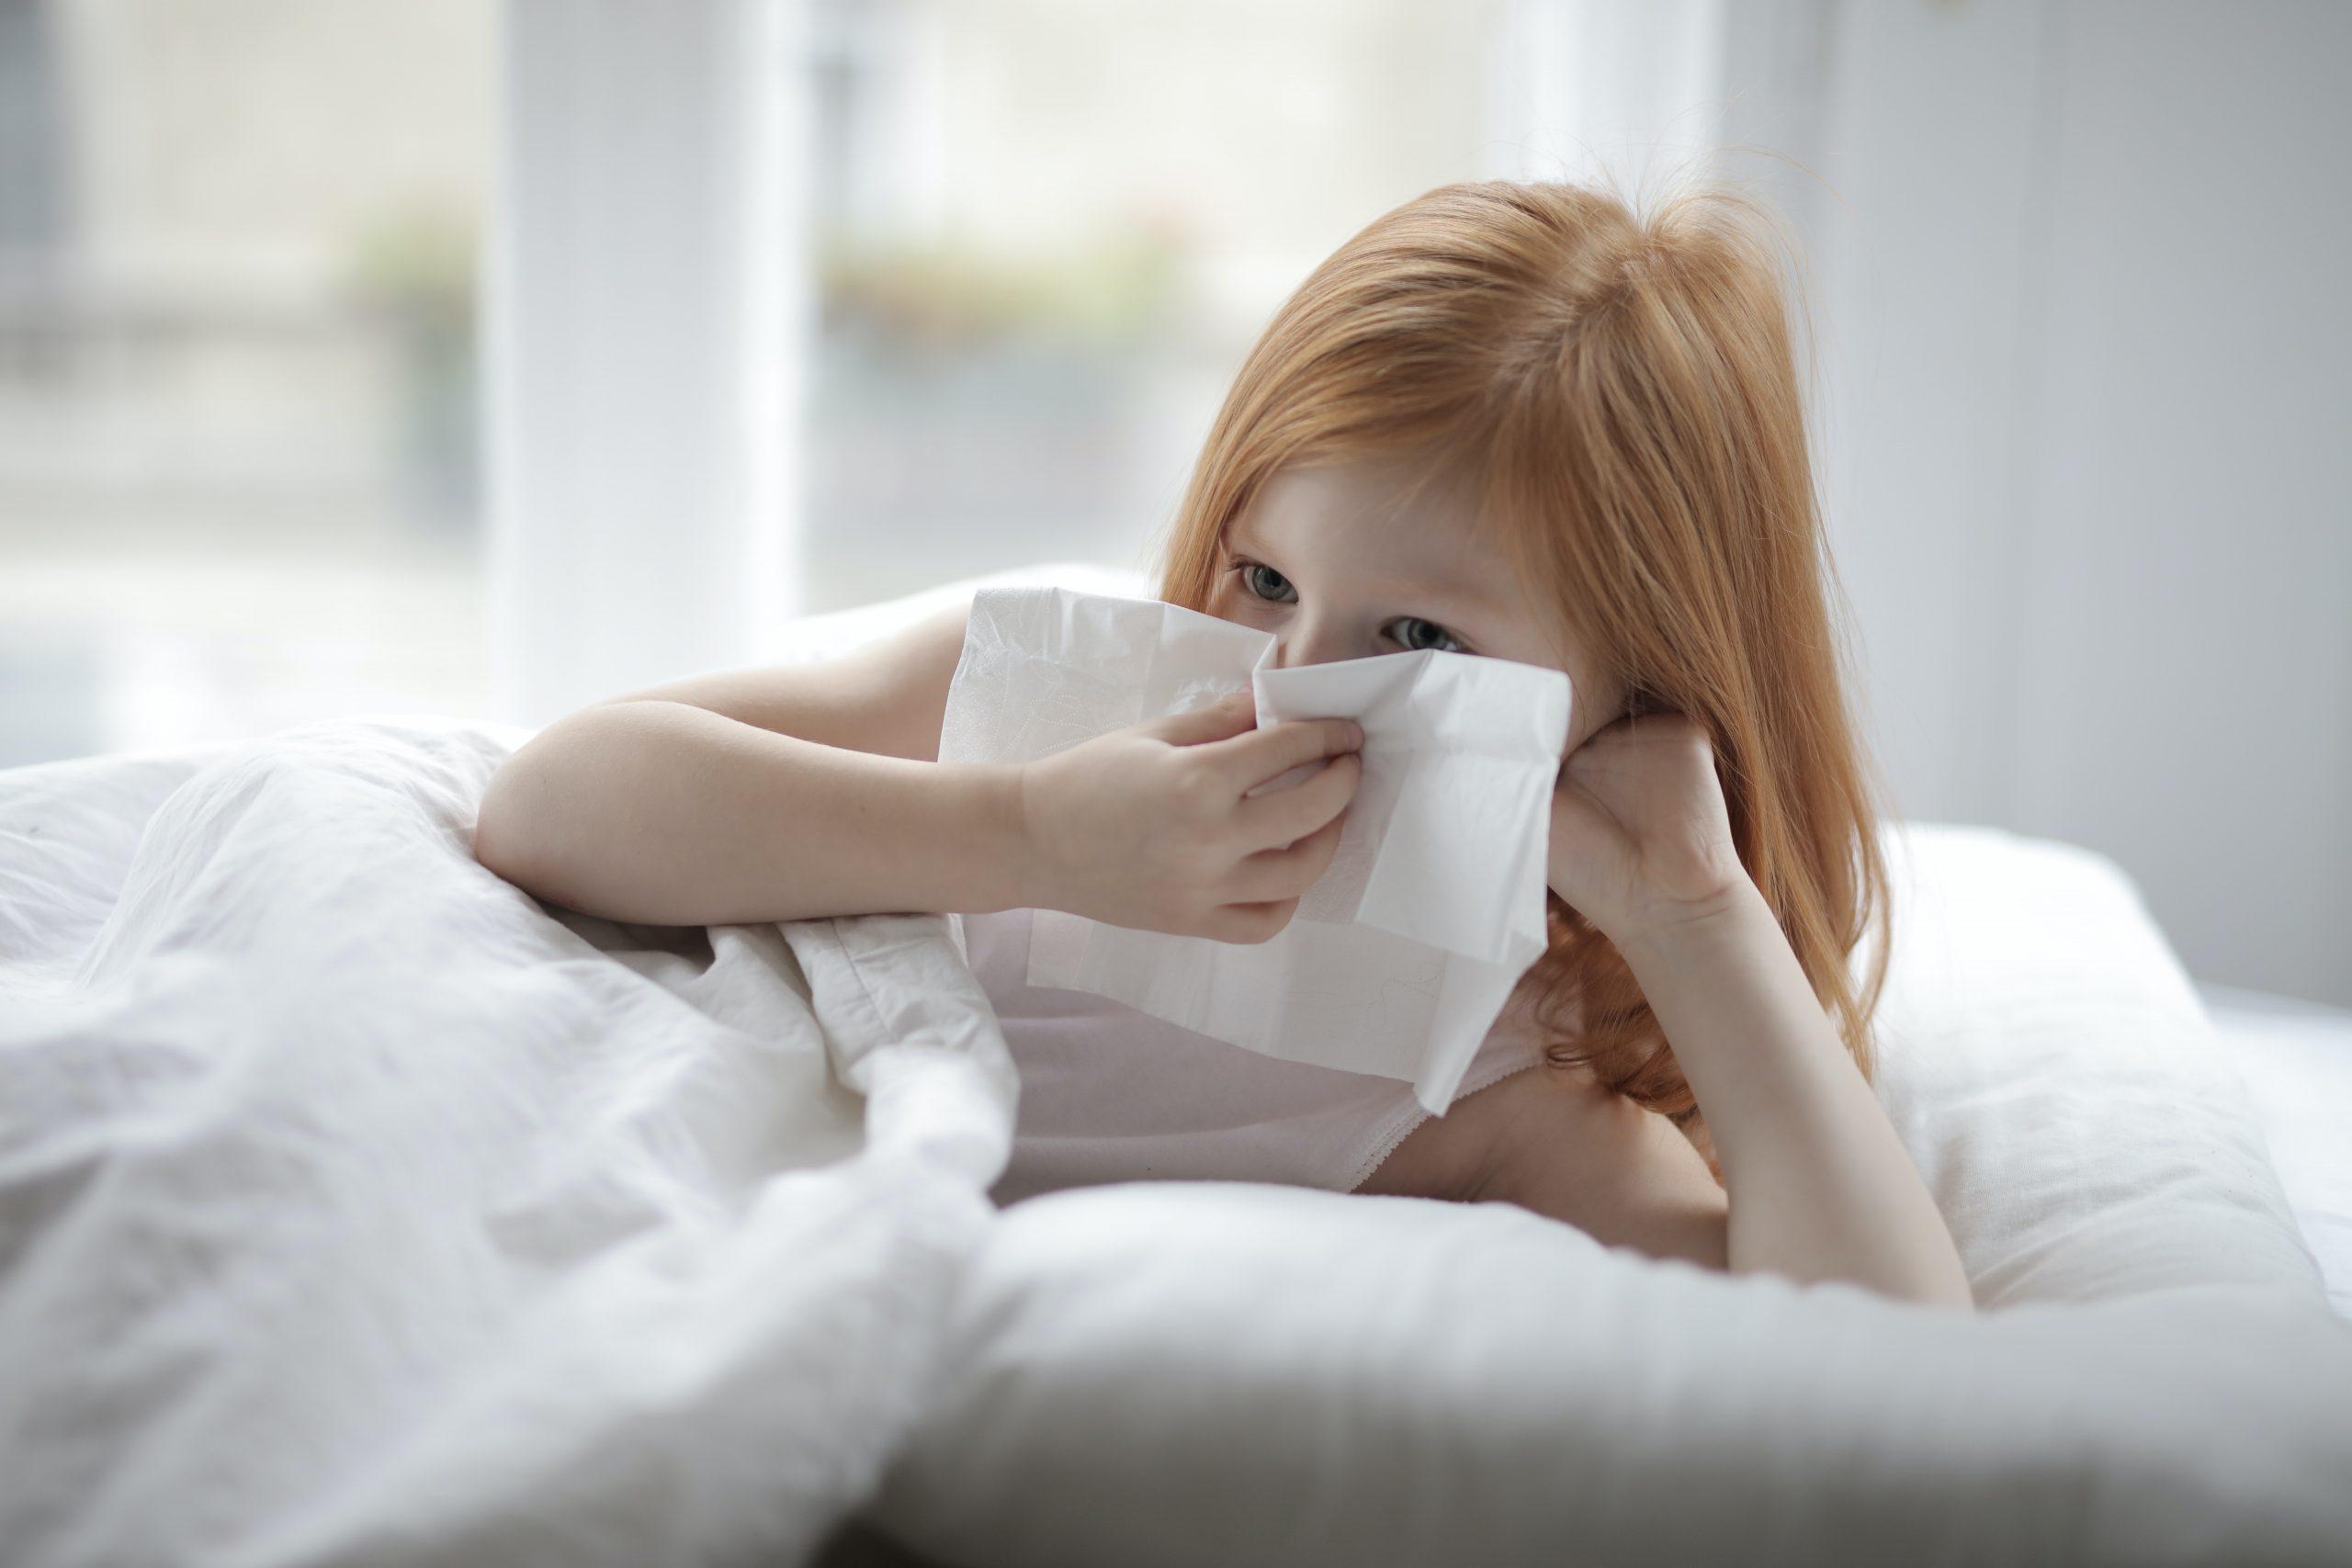 Ozonowanie zabija roztocze kurzu domowego i pomaga na alergie - na obrazku widać rudą dziewczynkę leżącą w łóżku z chusteczką w ręce